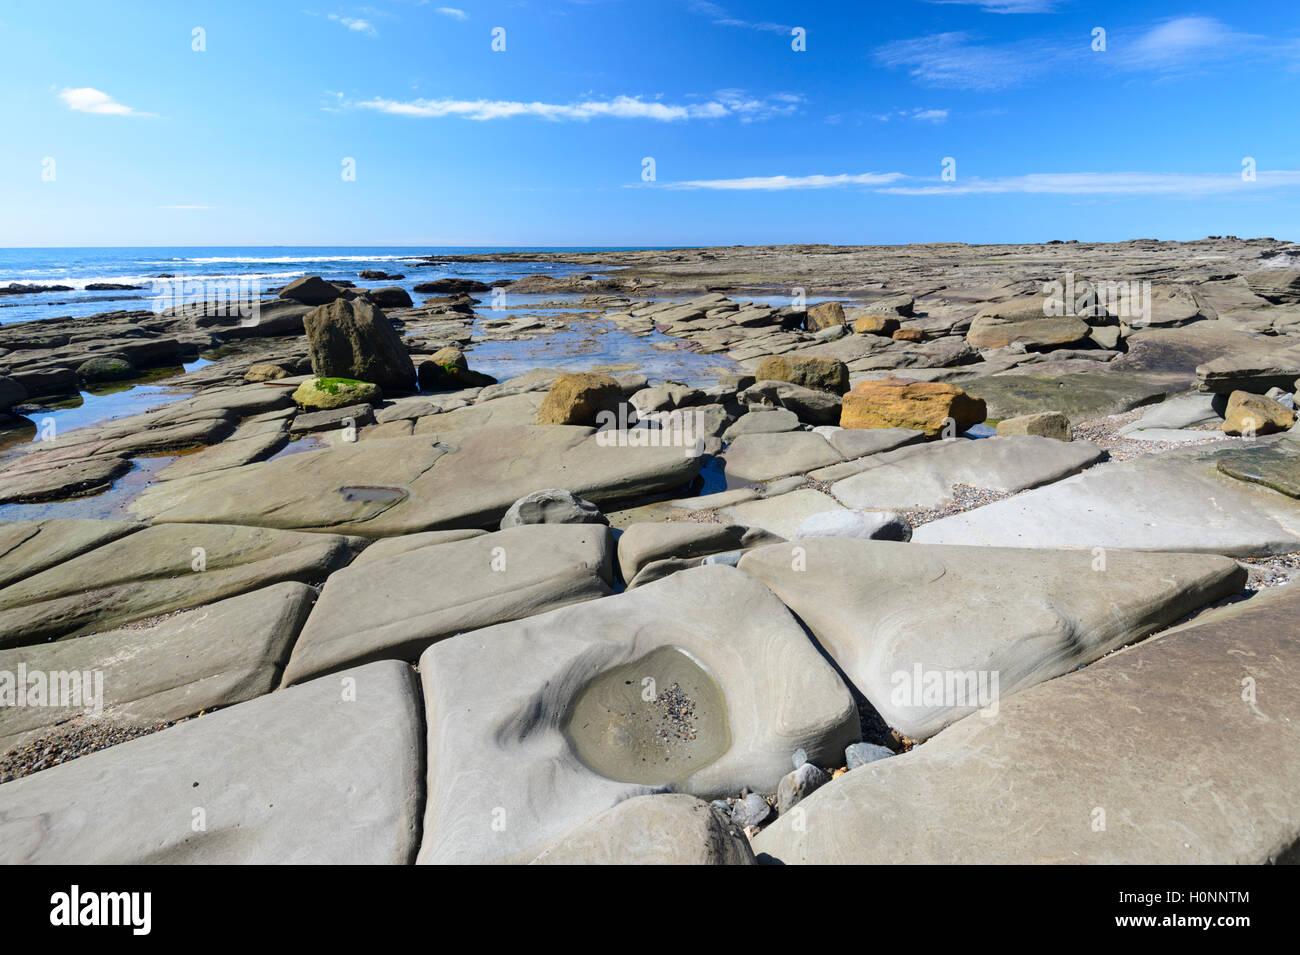 Dettagli della roccia erosa formazioni, Coalcliff, Nuovo Galles del Sud, NSW, Australia Immagini Stock